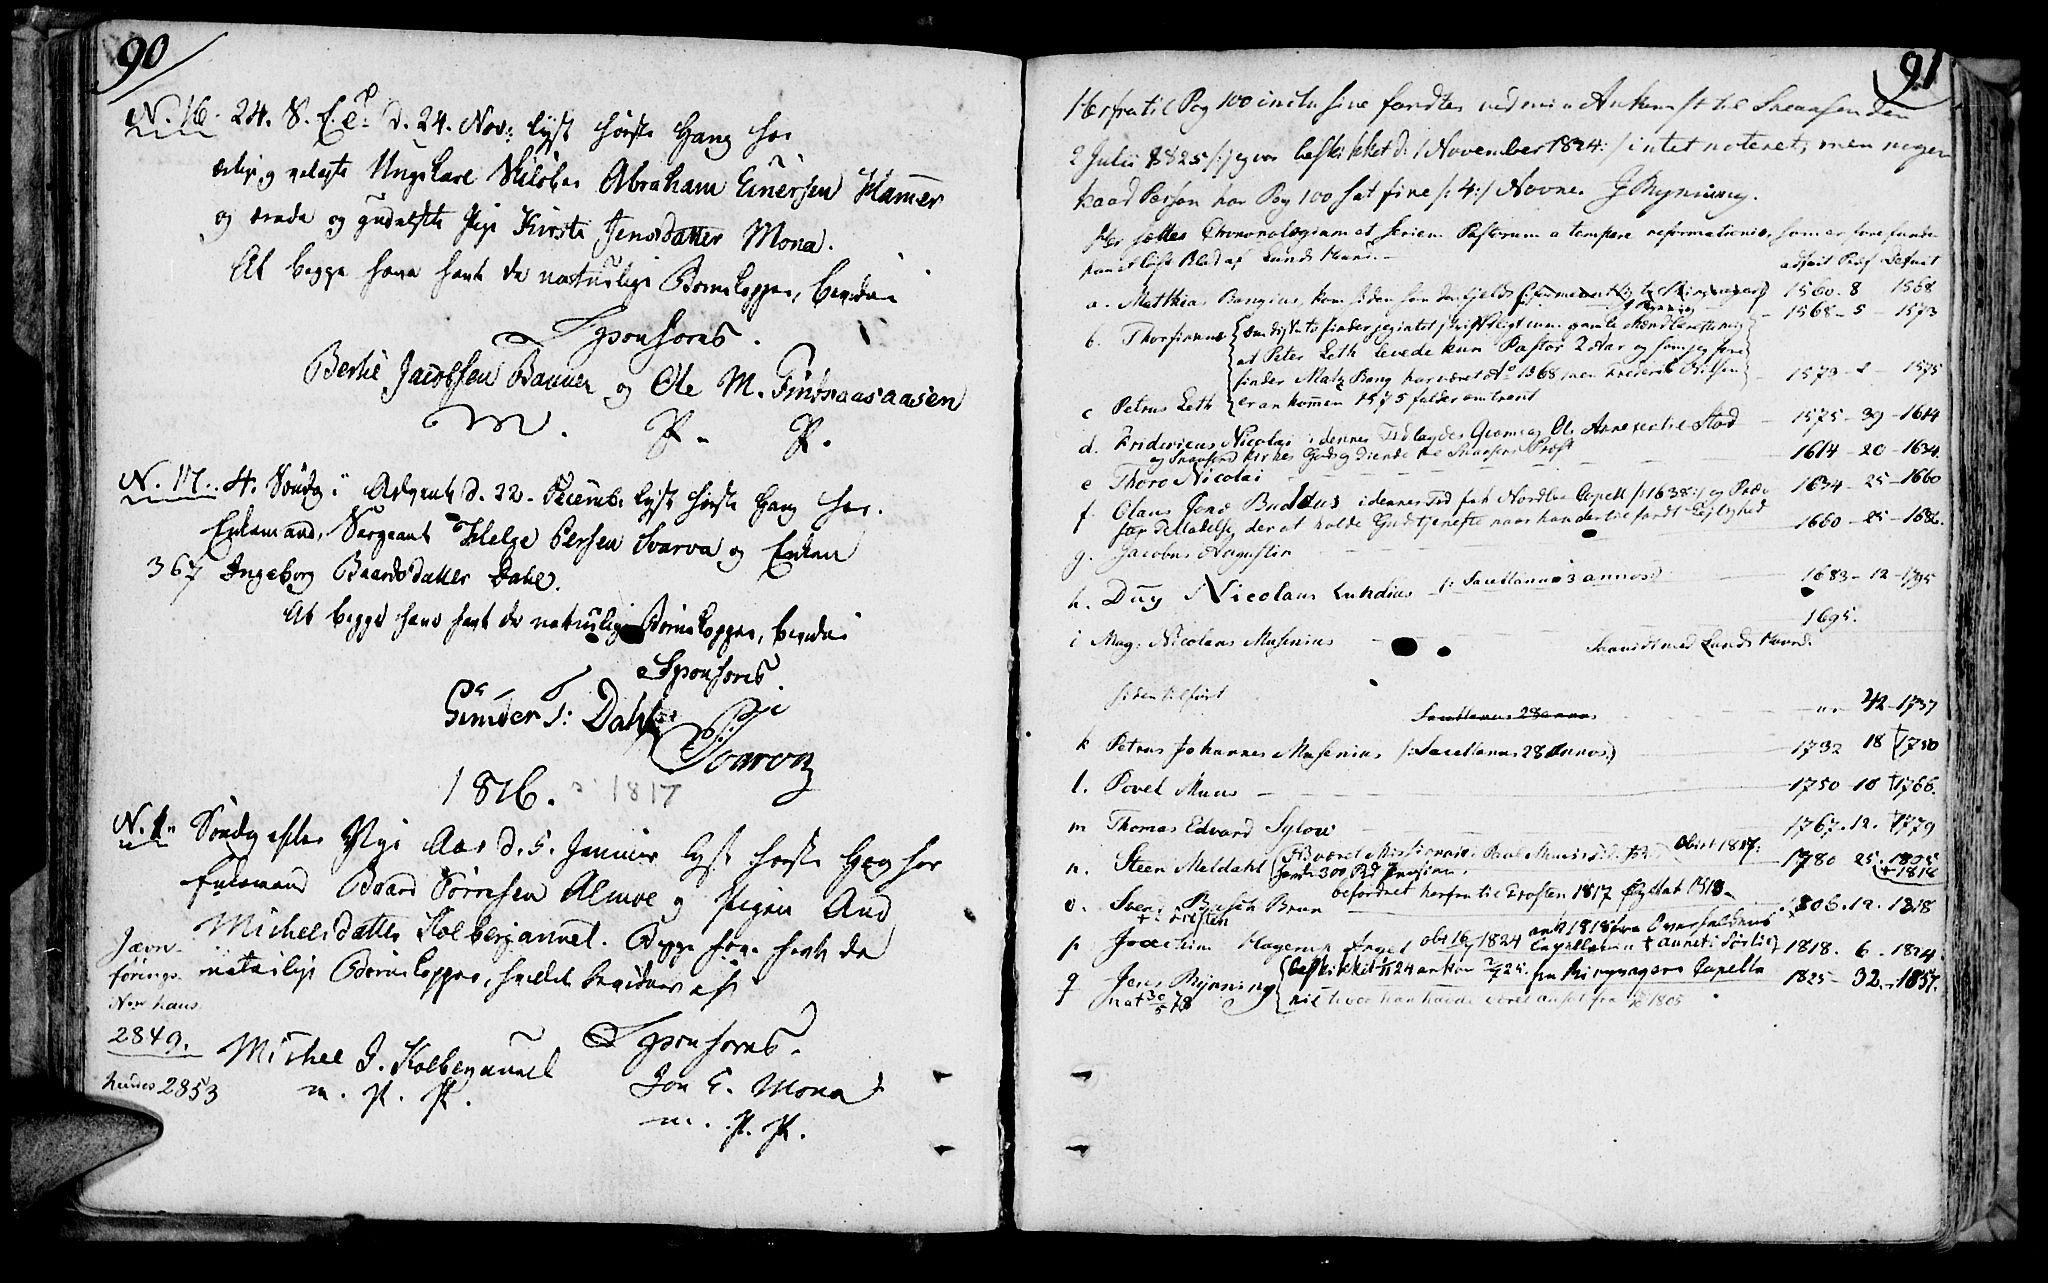 SAT, Ministerialprotokoller, klokkerbøker og fødselsregistre - Nord-Trøndelag, 749/L0468: Ministerialbok nr. 749A02, 1787-1817, s. 90-91